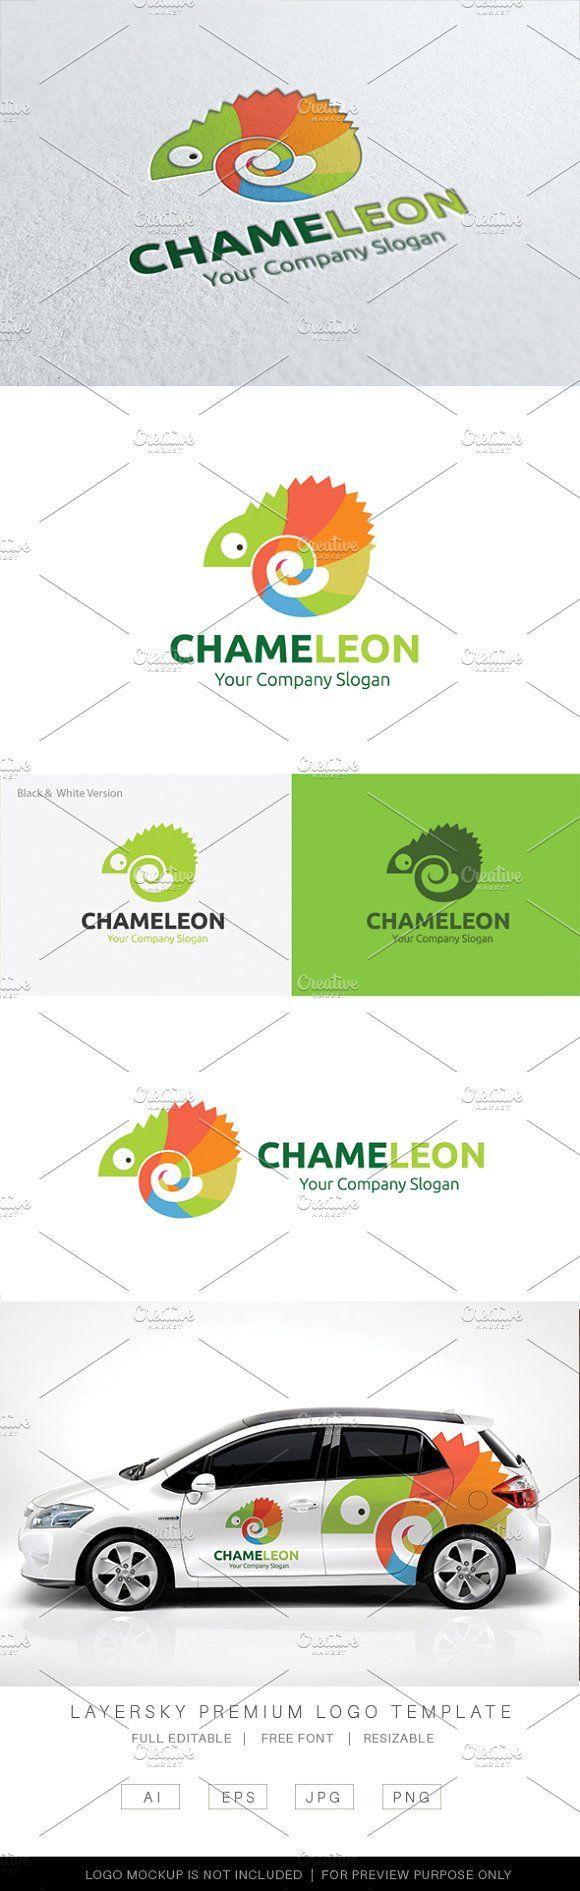 Chameleon Logo by Super Pig Shop on @creativemarket